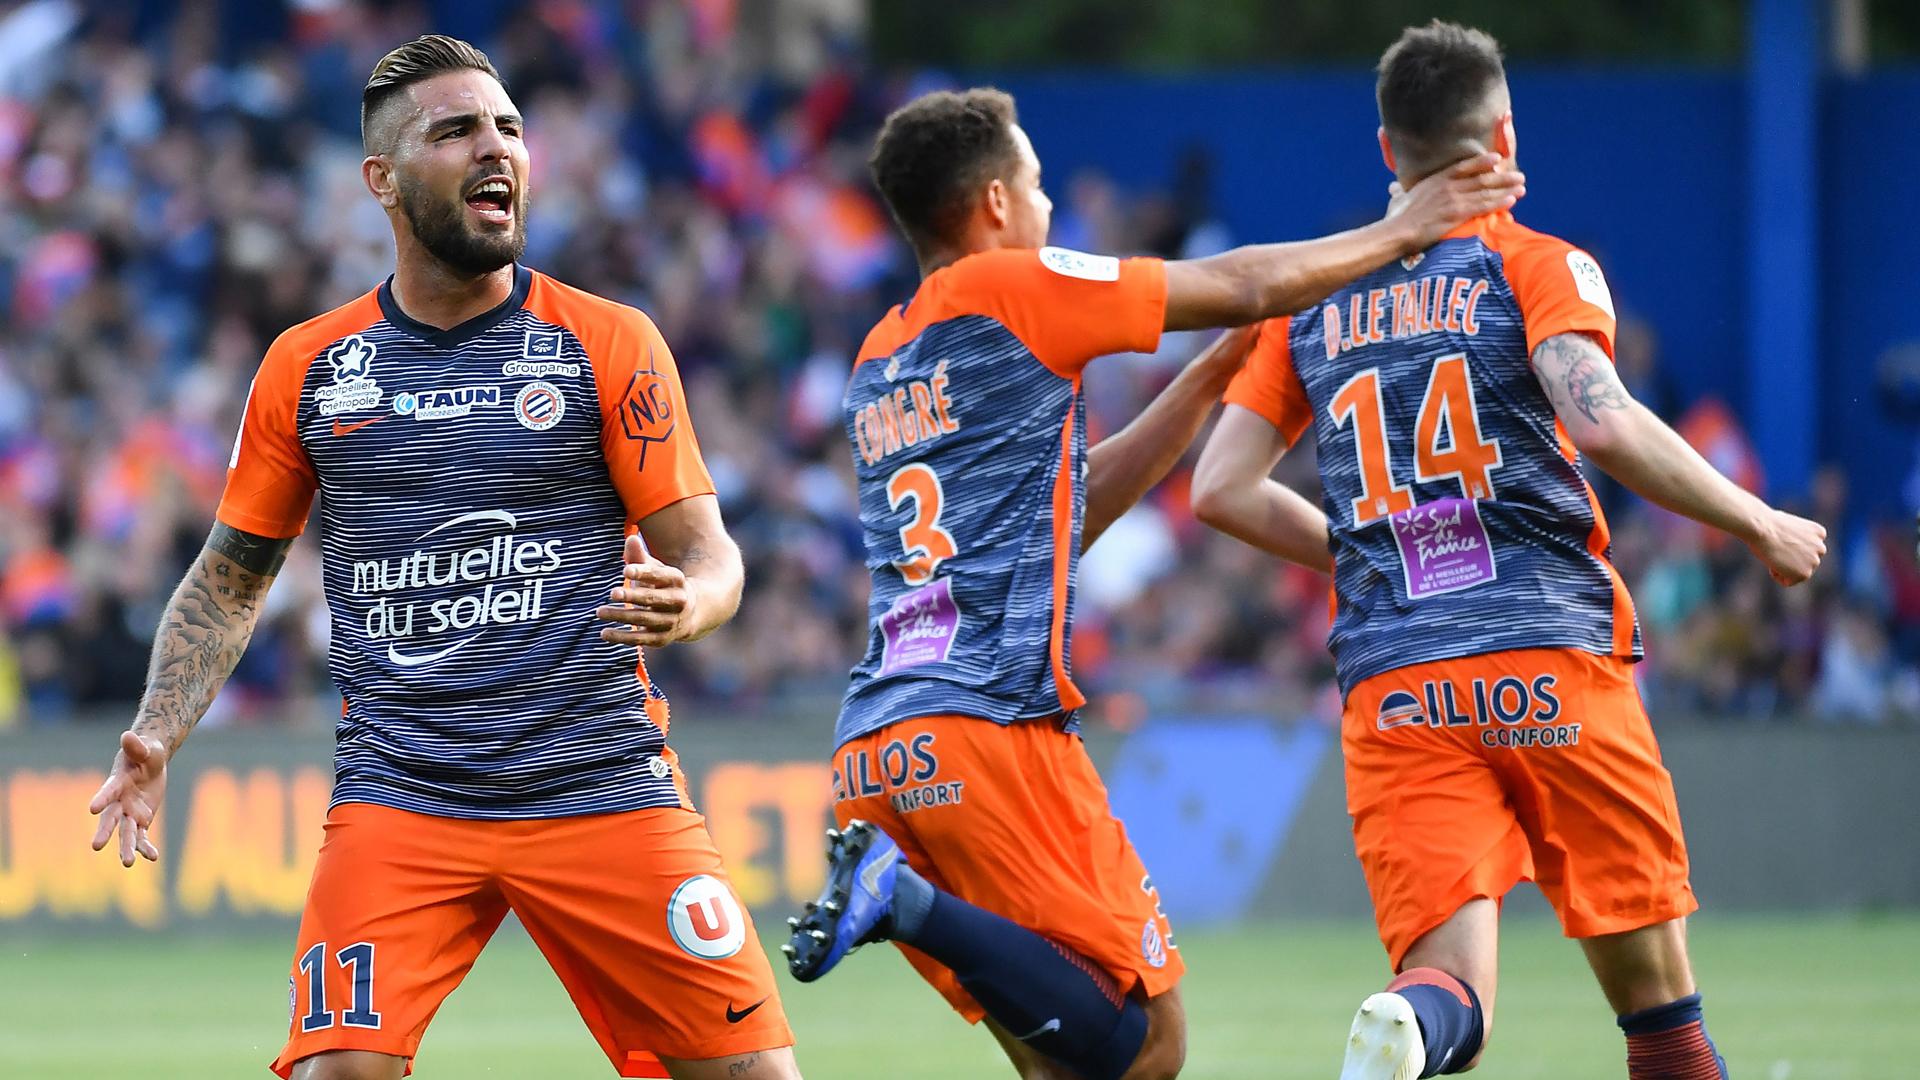 Montpellier : le calendrier de Ligue 1 pour la saison 2019-2020